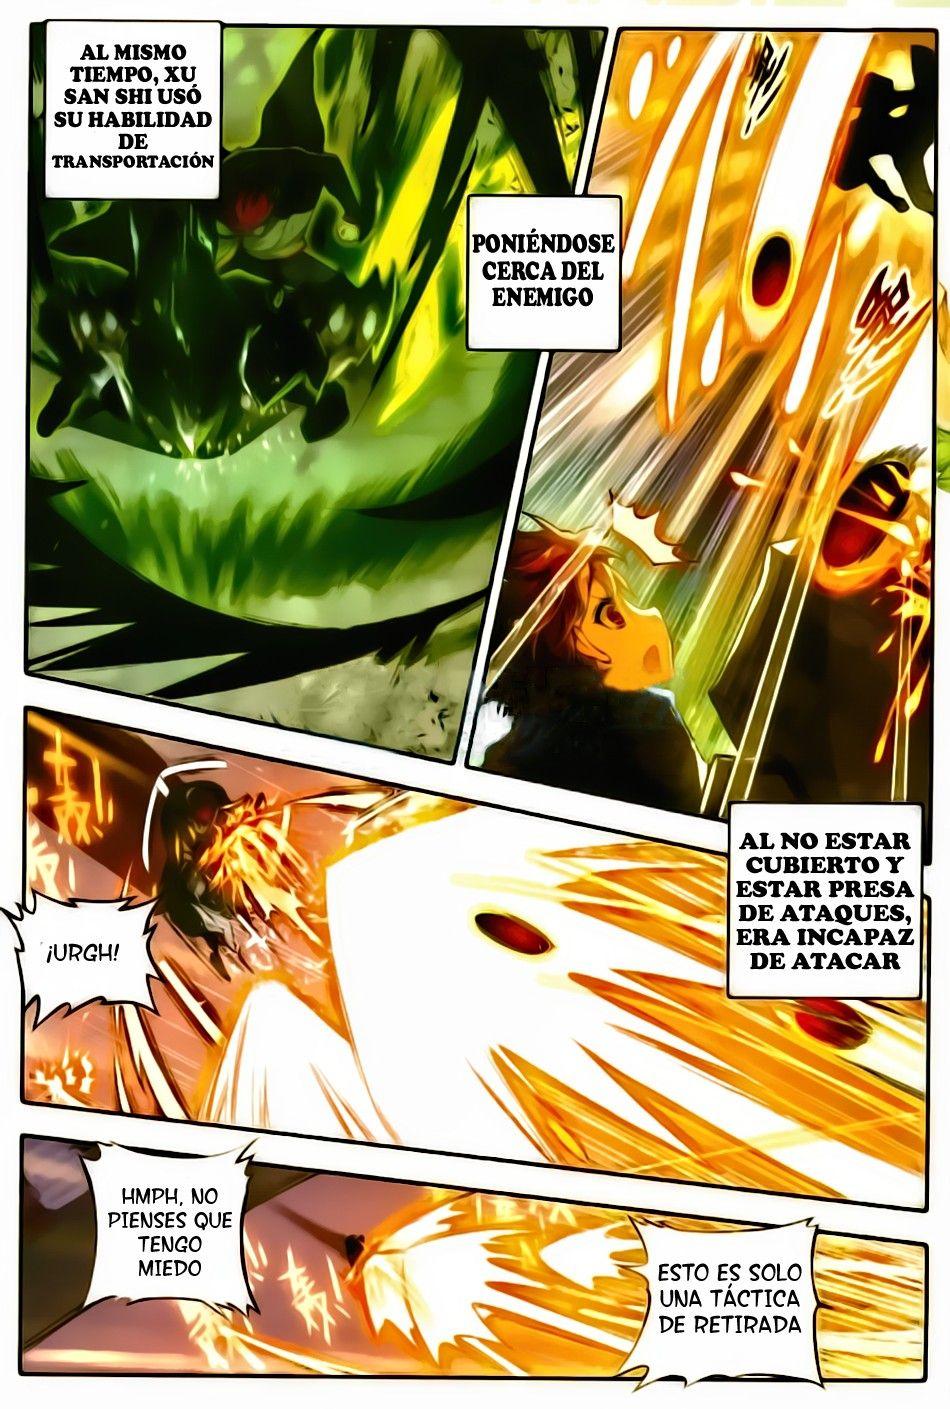 http://c5.ninemanga.com/es_manga/pic2/33/16417/515164/40f550c59a645a48fe83bddd0111cd29.jpg Page 10